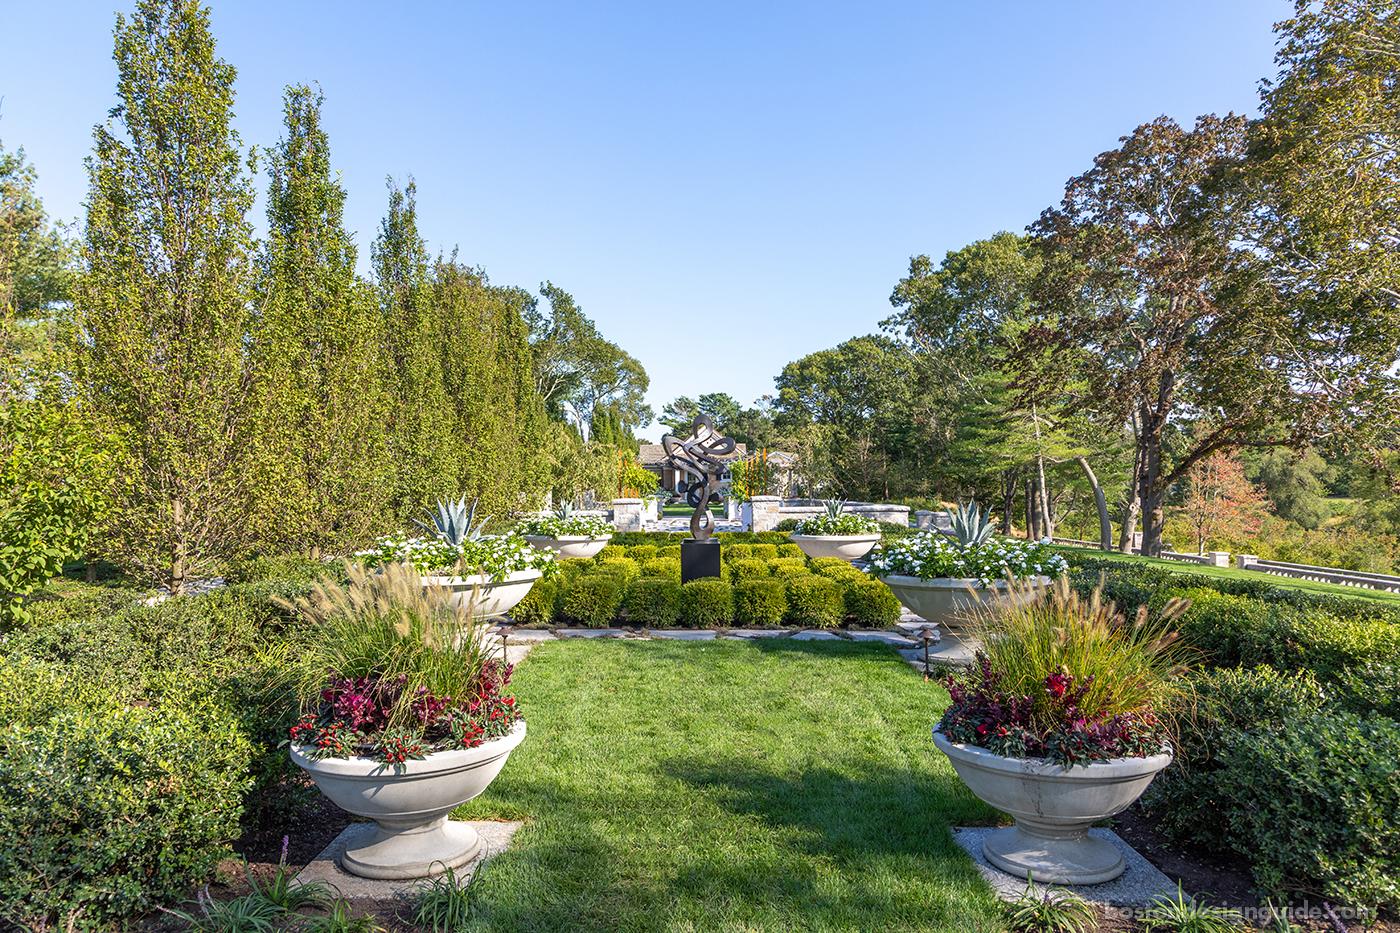 Cape Cod garden by landscape artisans Schmacher Companies